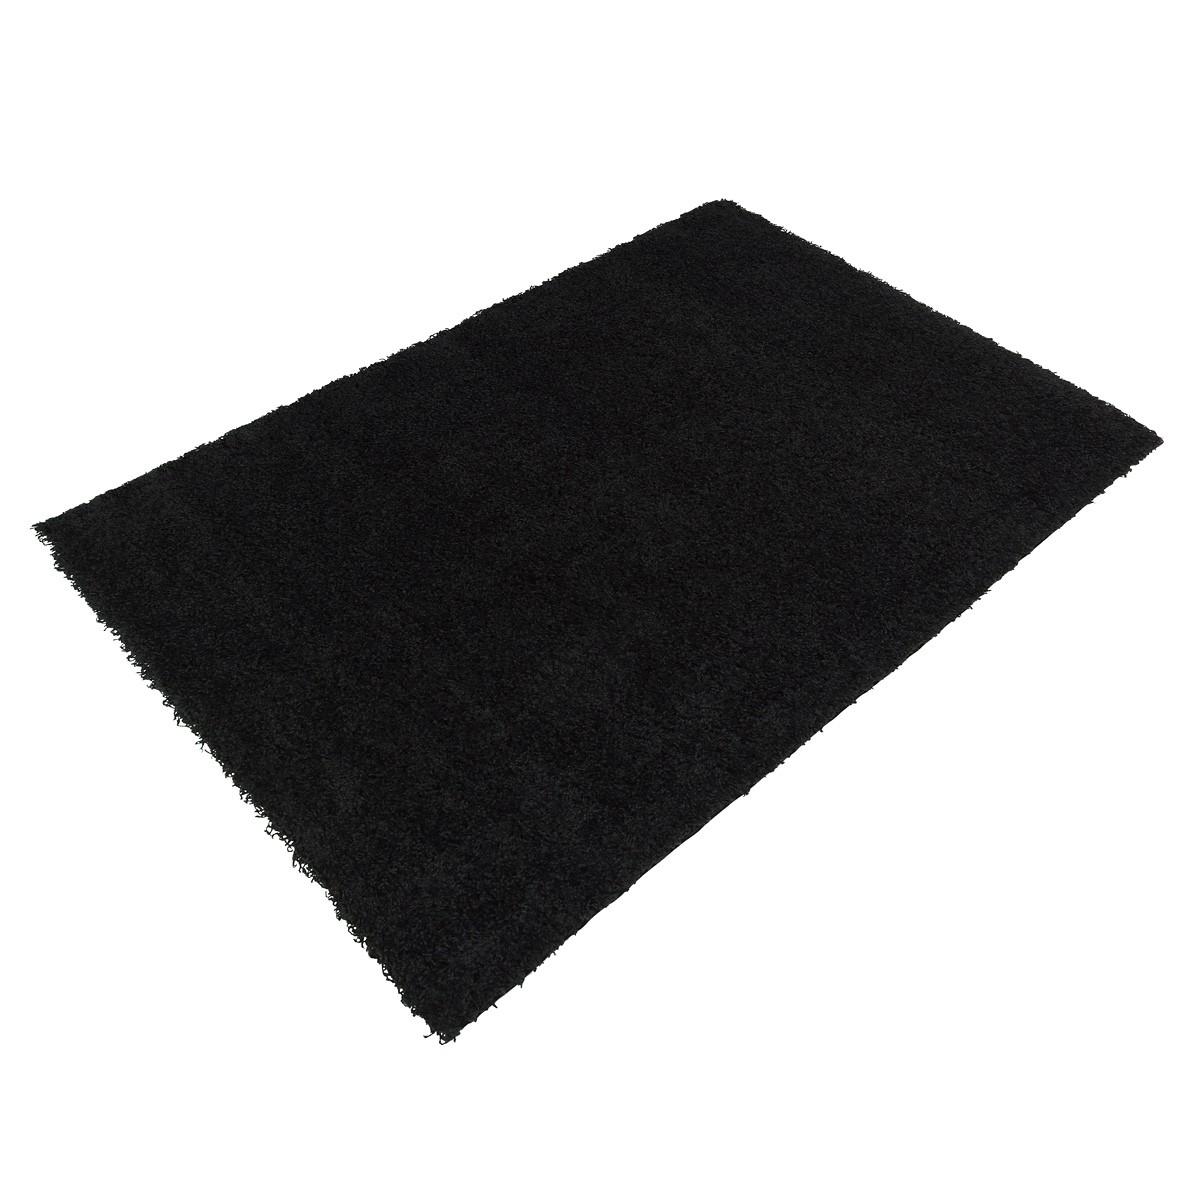 20170119160016 teppich esszimmer pflegeleicht easinextcom - Teppich Esszimmer Pflegeleicht